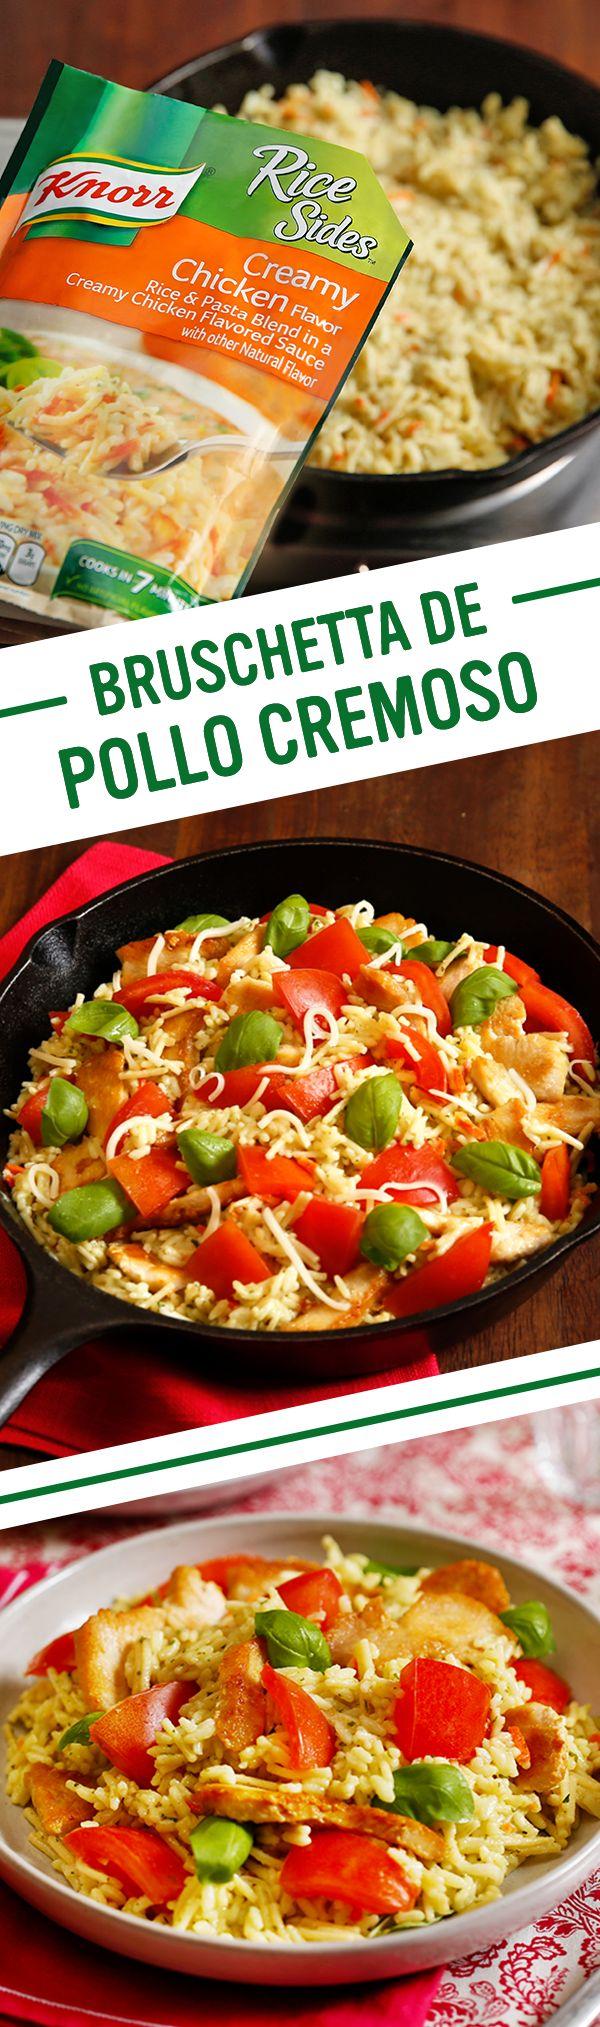 Las mejores cenas familiares son hechas en casa. Esta noche, prueba esta rica receta italiana para Bruschetta de Pollo Cremoso por Knorr. Sigue estos pasos fáciles: 1. Cocina el pollo y el ajo y pon al lado. 2. Prepara el Knorr® Rice Sides™ - Creamy Chicken. 3. Agrega el pollo y los tomates. Ponle el queso y la albahaca. 4. Sirve. ¡Buen provecho!